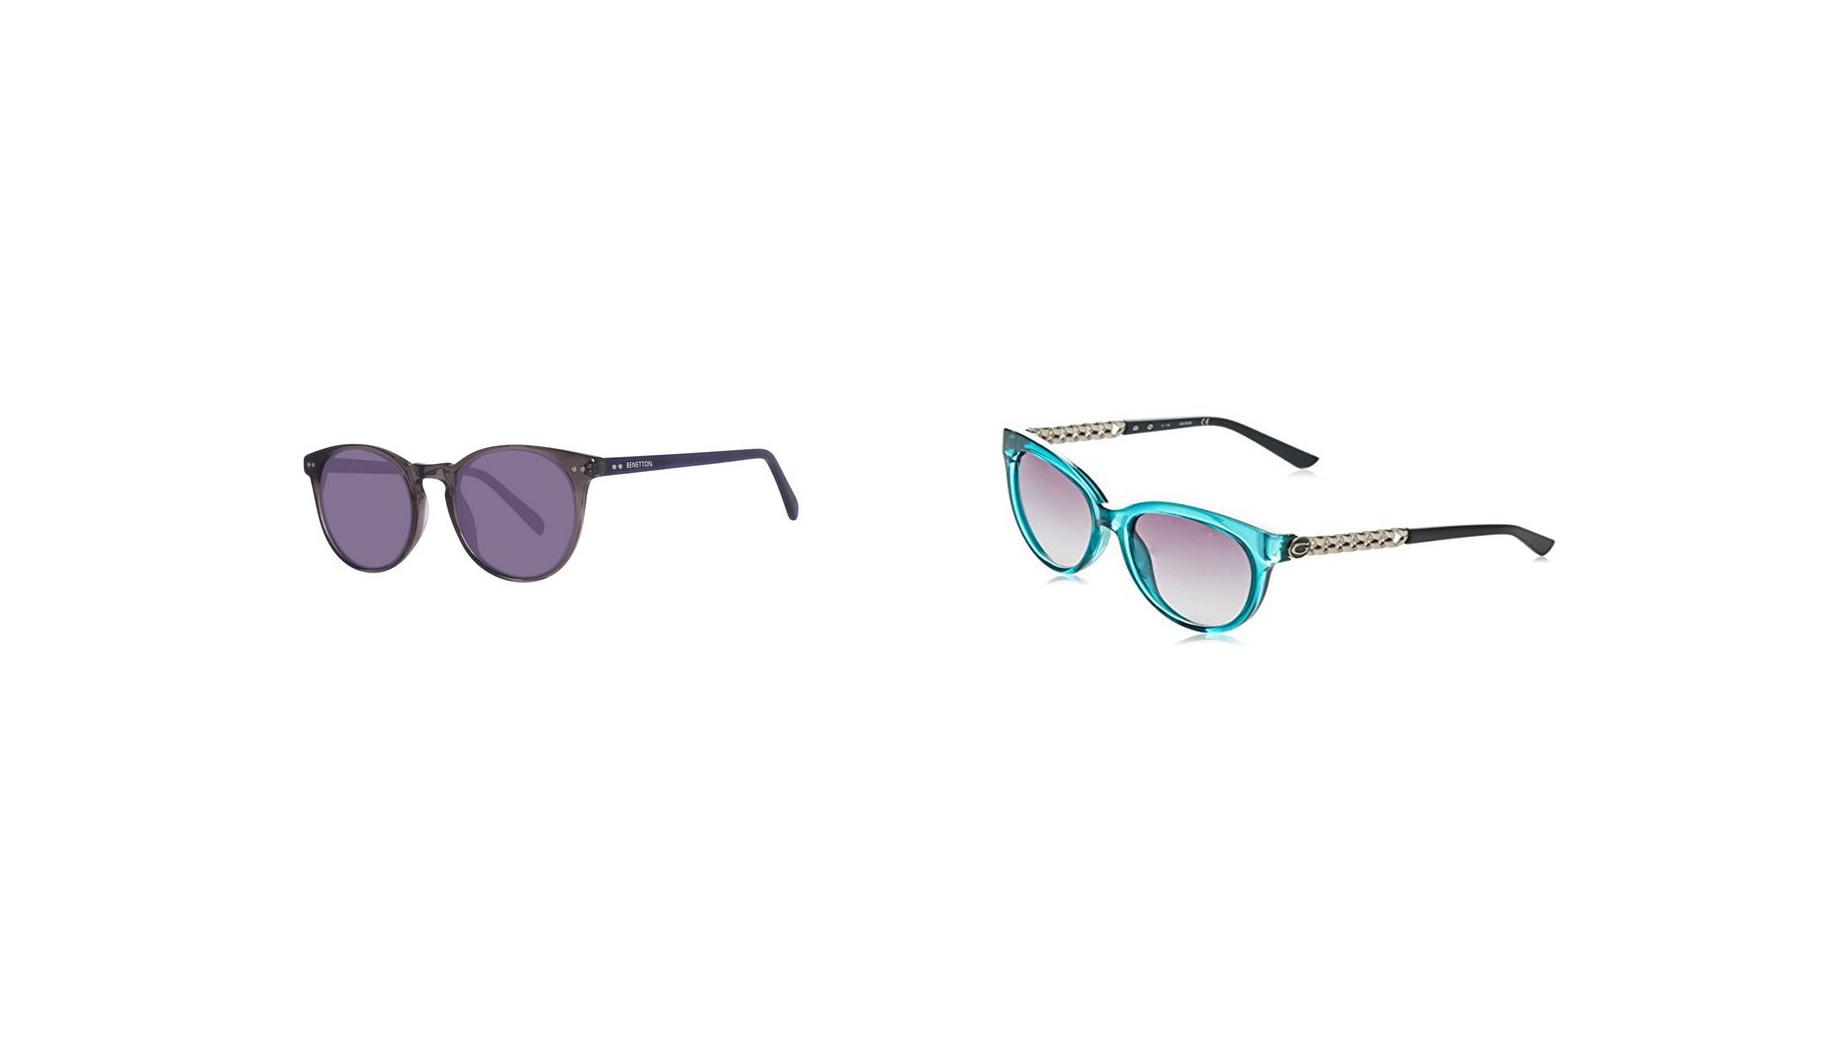 lunettes-de-soleil-unisexe-benetton-be995s04_copie-1528104903.jpg